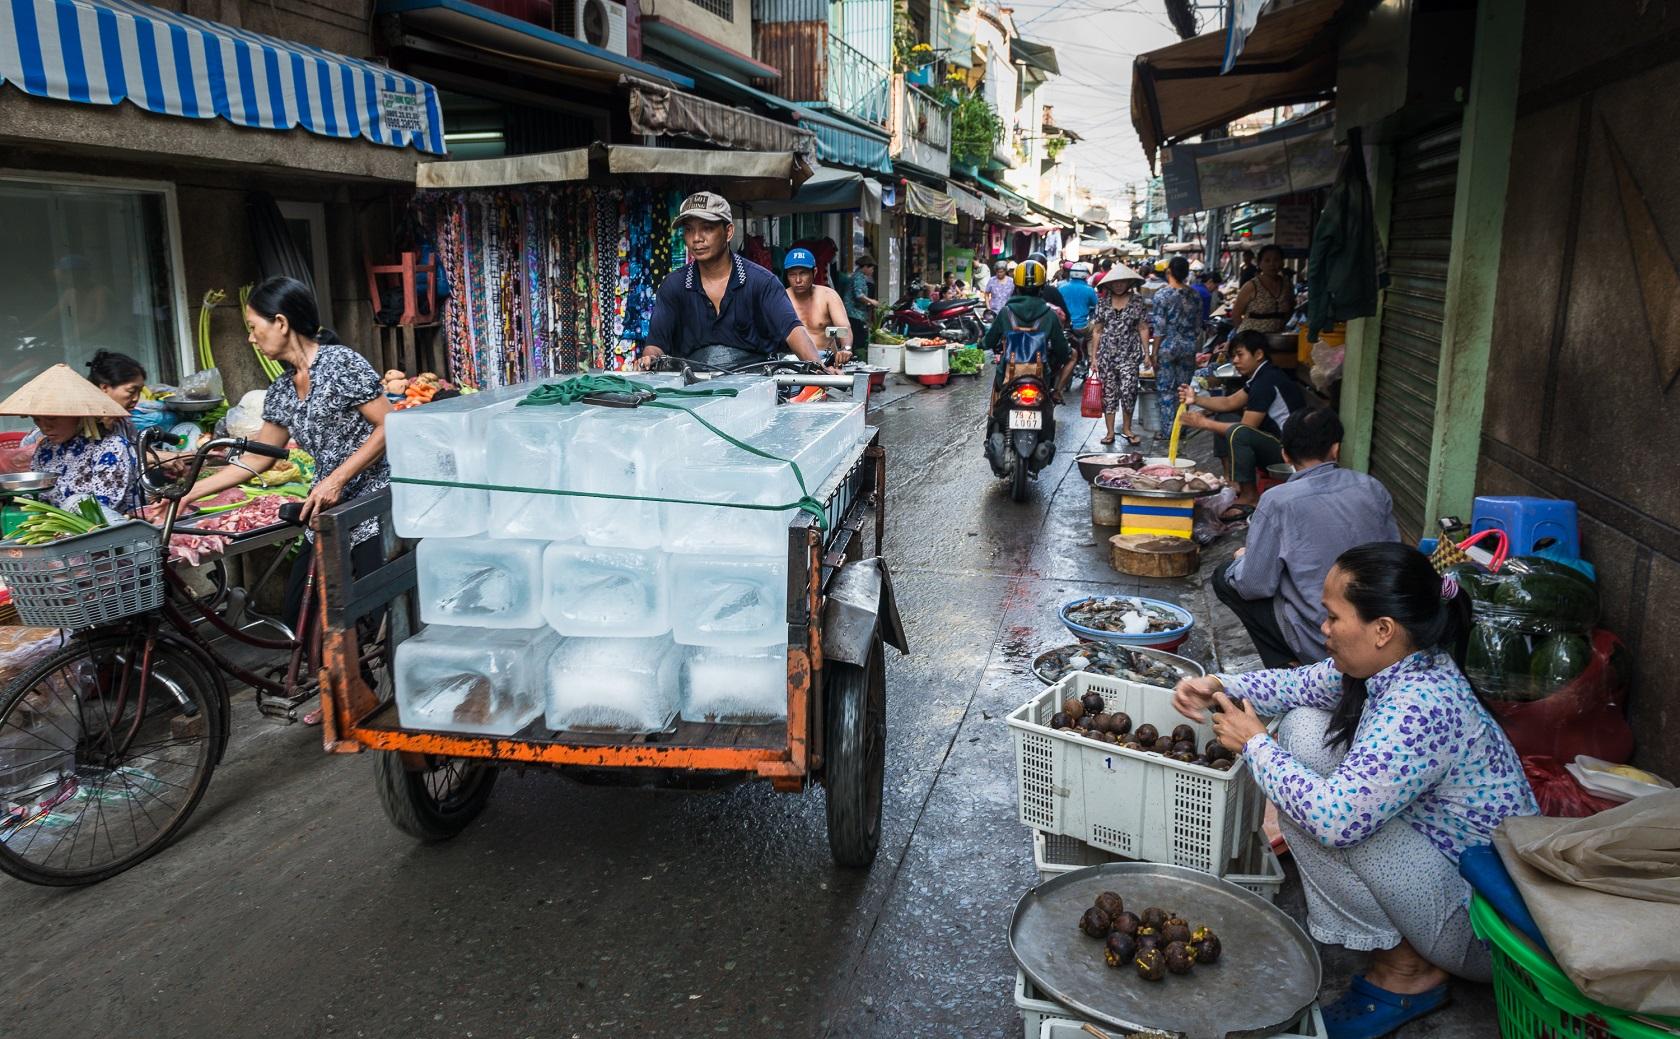 Bunt, laut, voll: Ho-Chi-Minh-Stadts Märkte